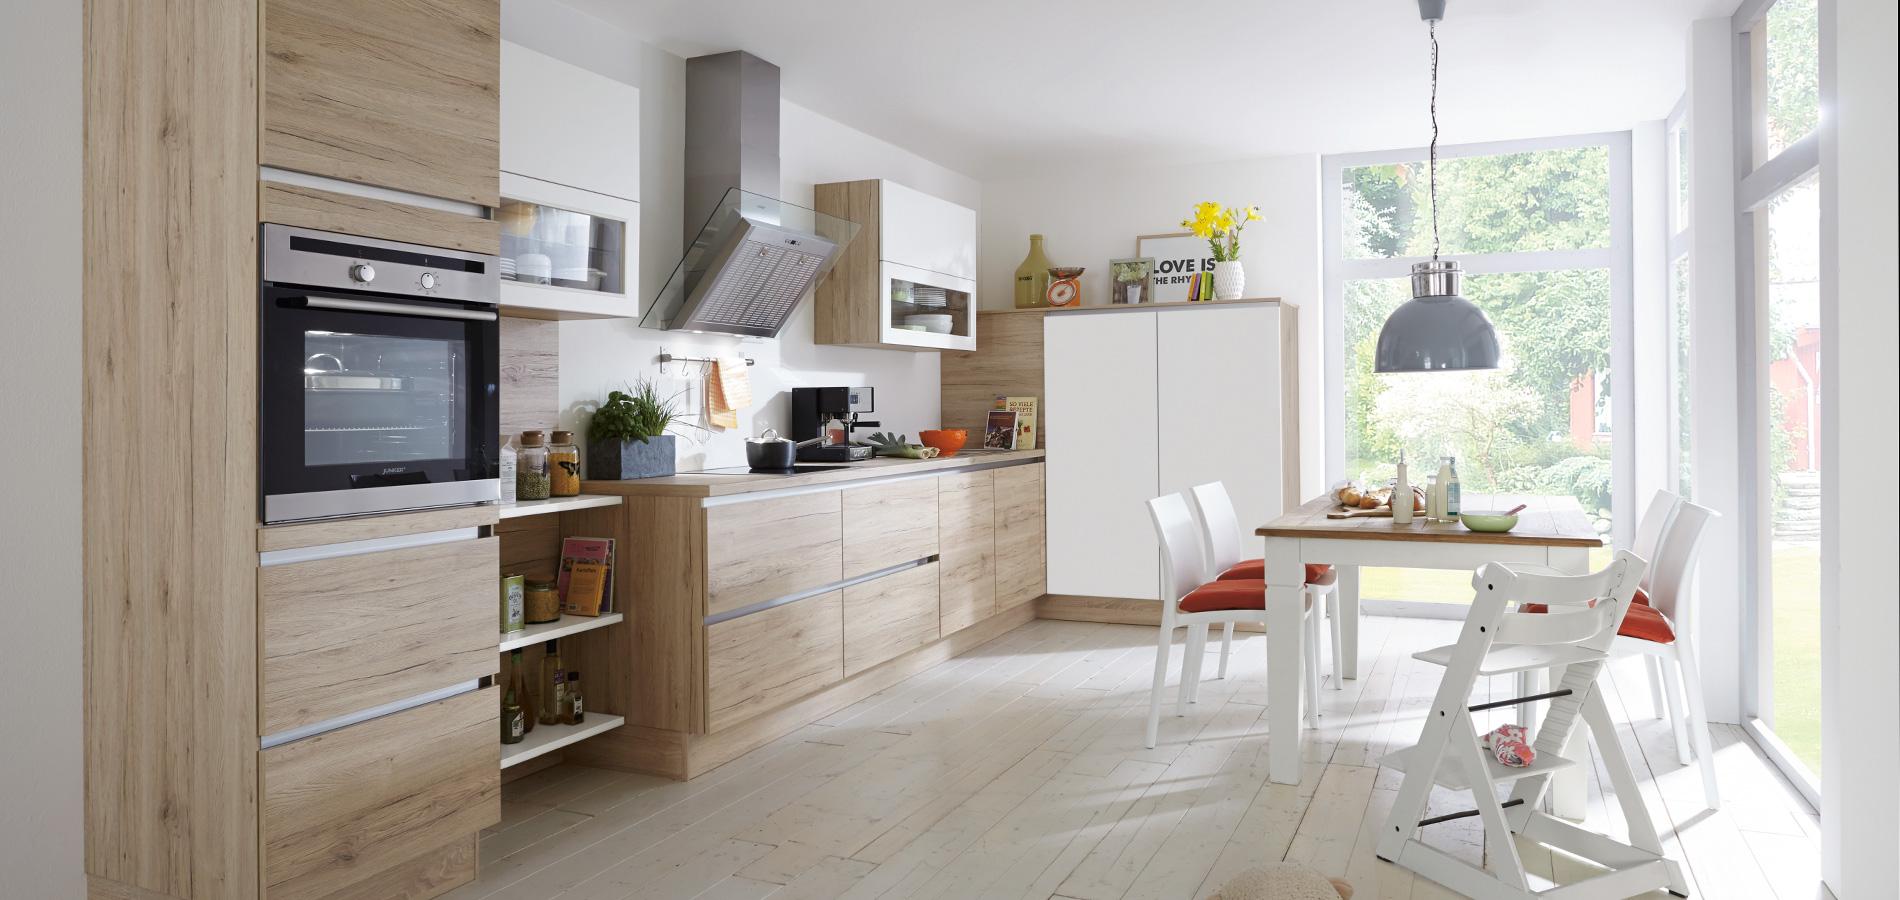 Meuble Sous Plaque Four Ikea comment aménager une cuisine en longueur ? - madame figaro